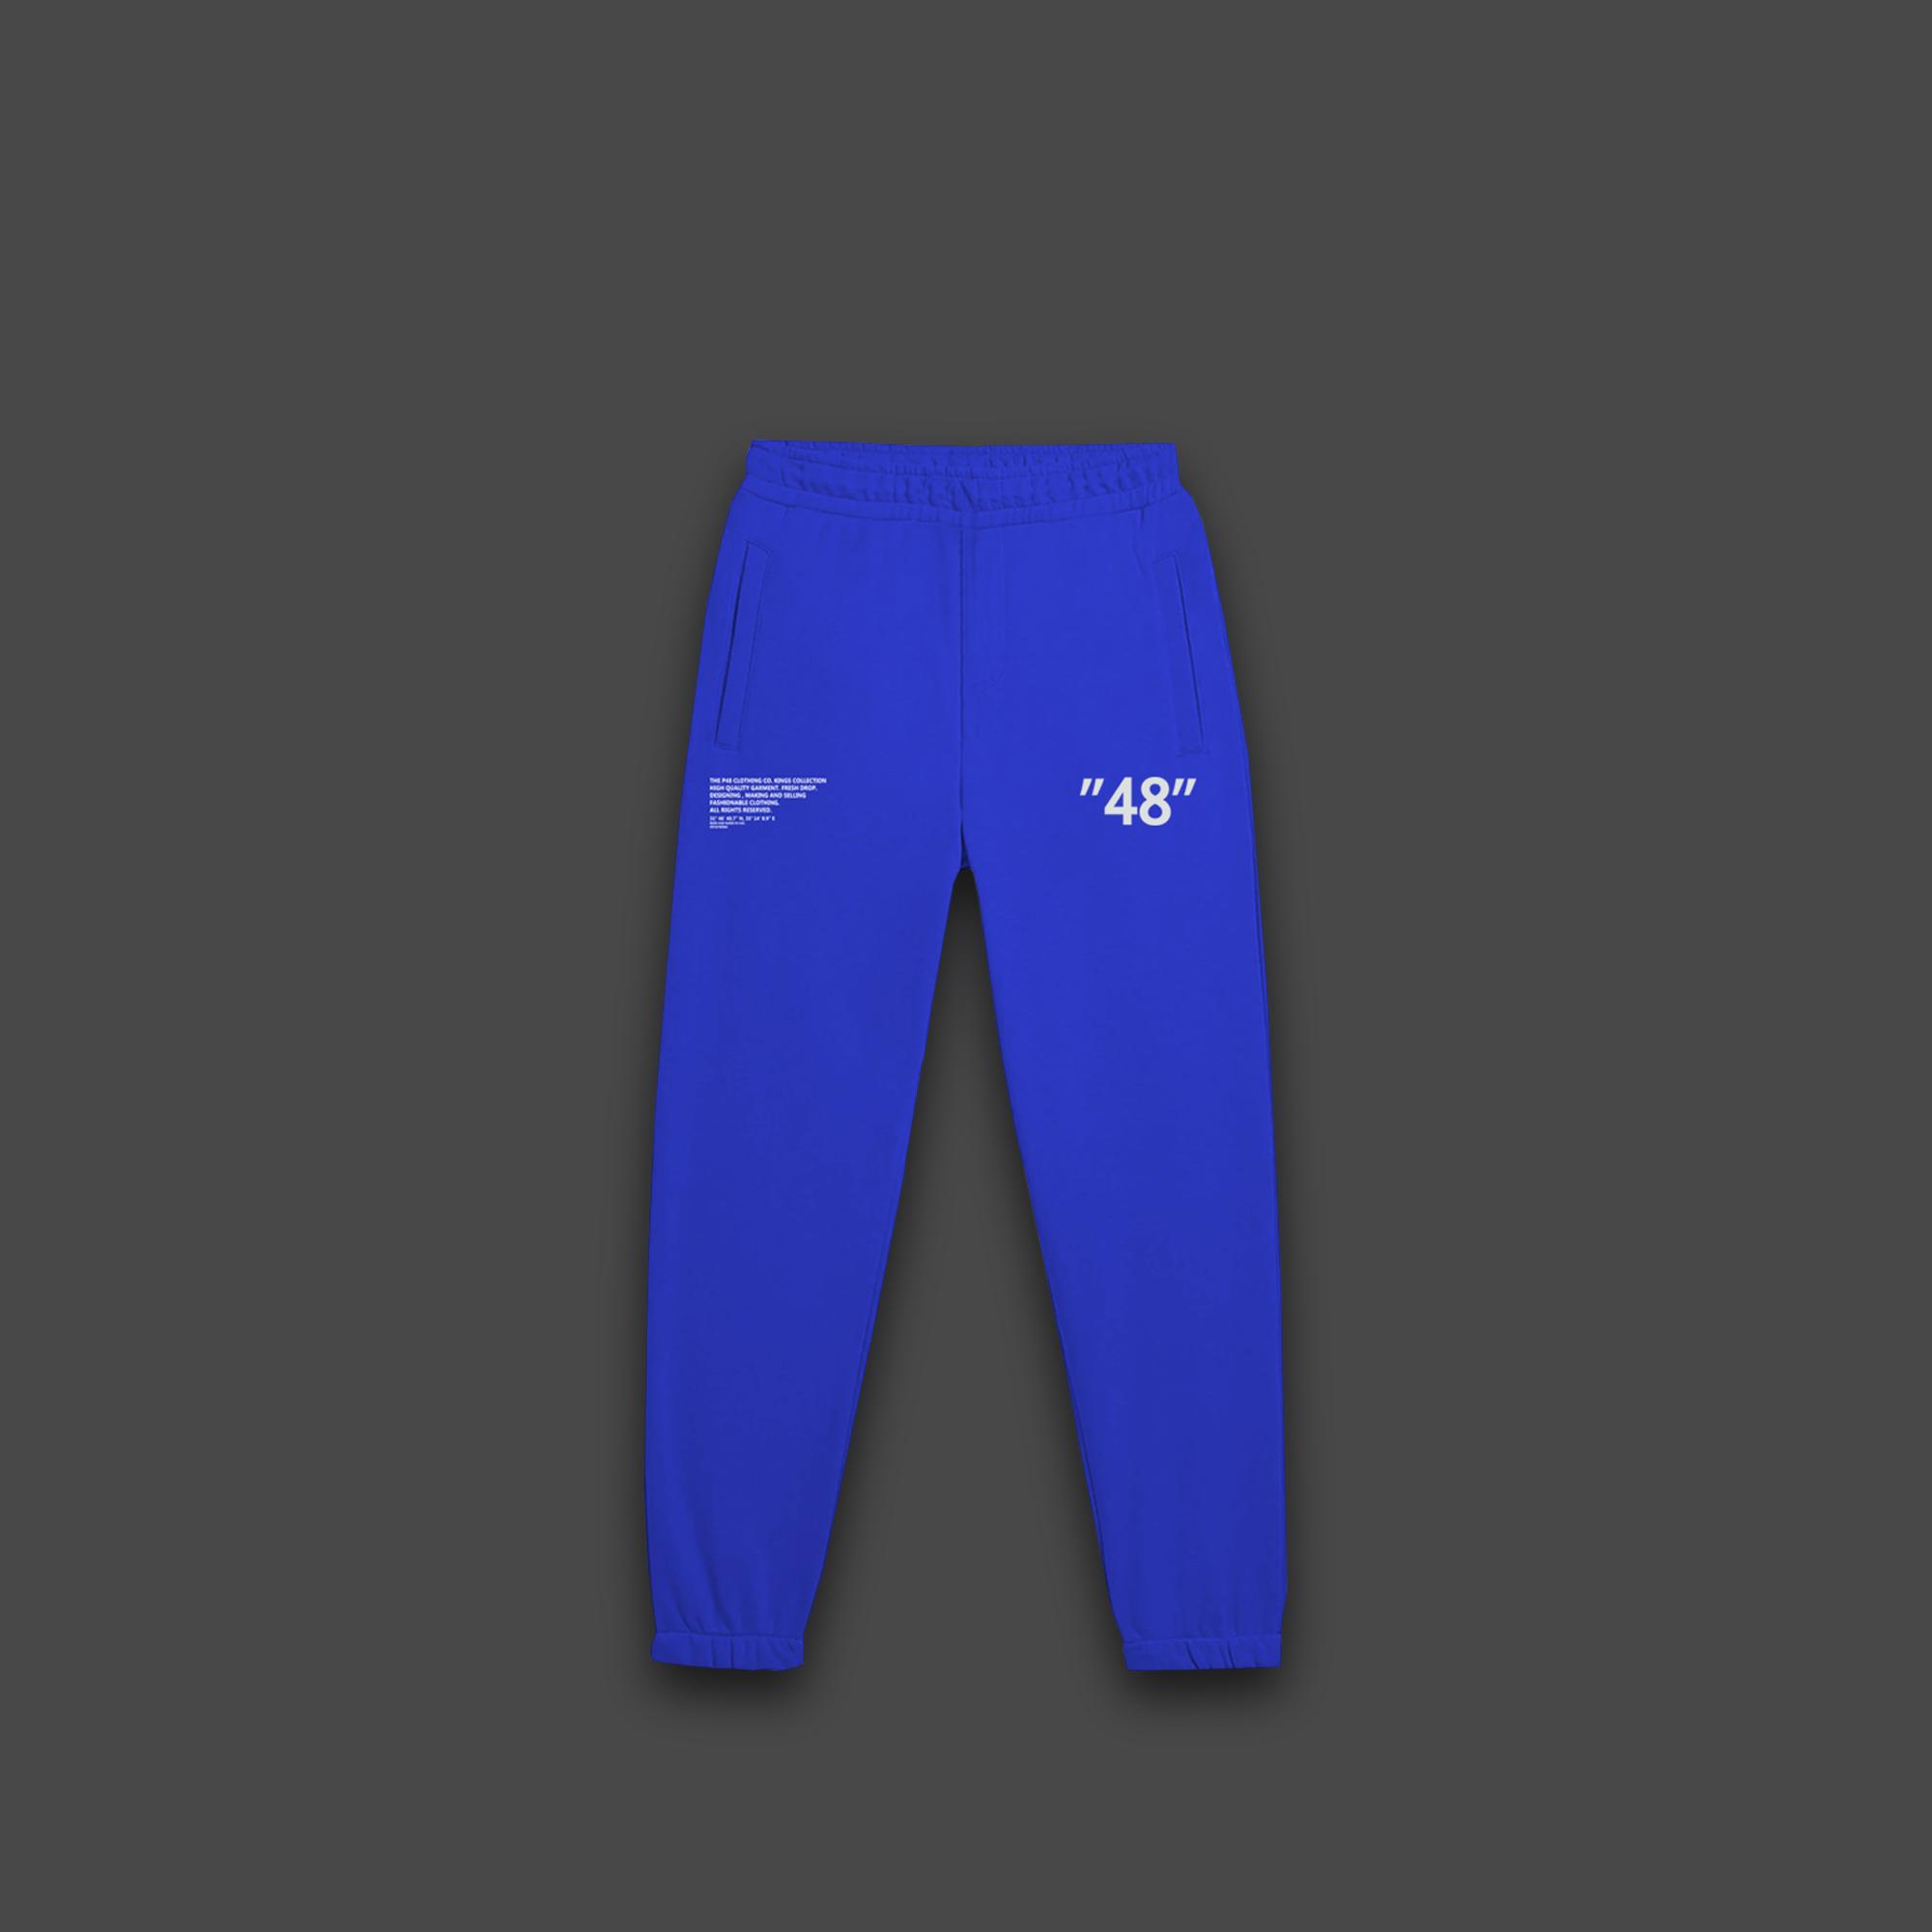 48 Sweatpants - Blue